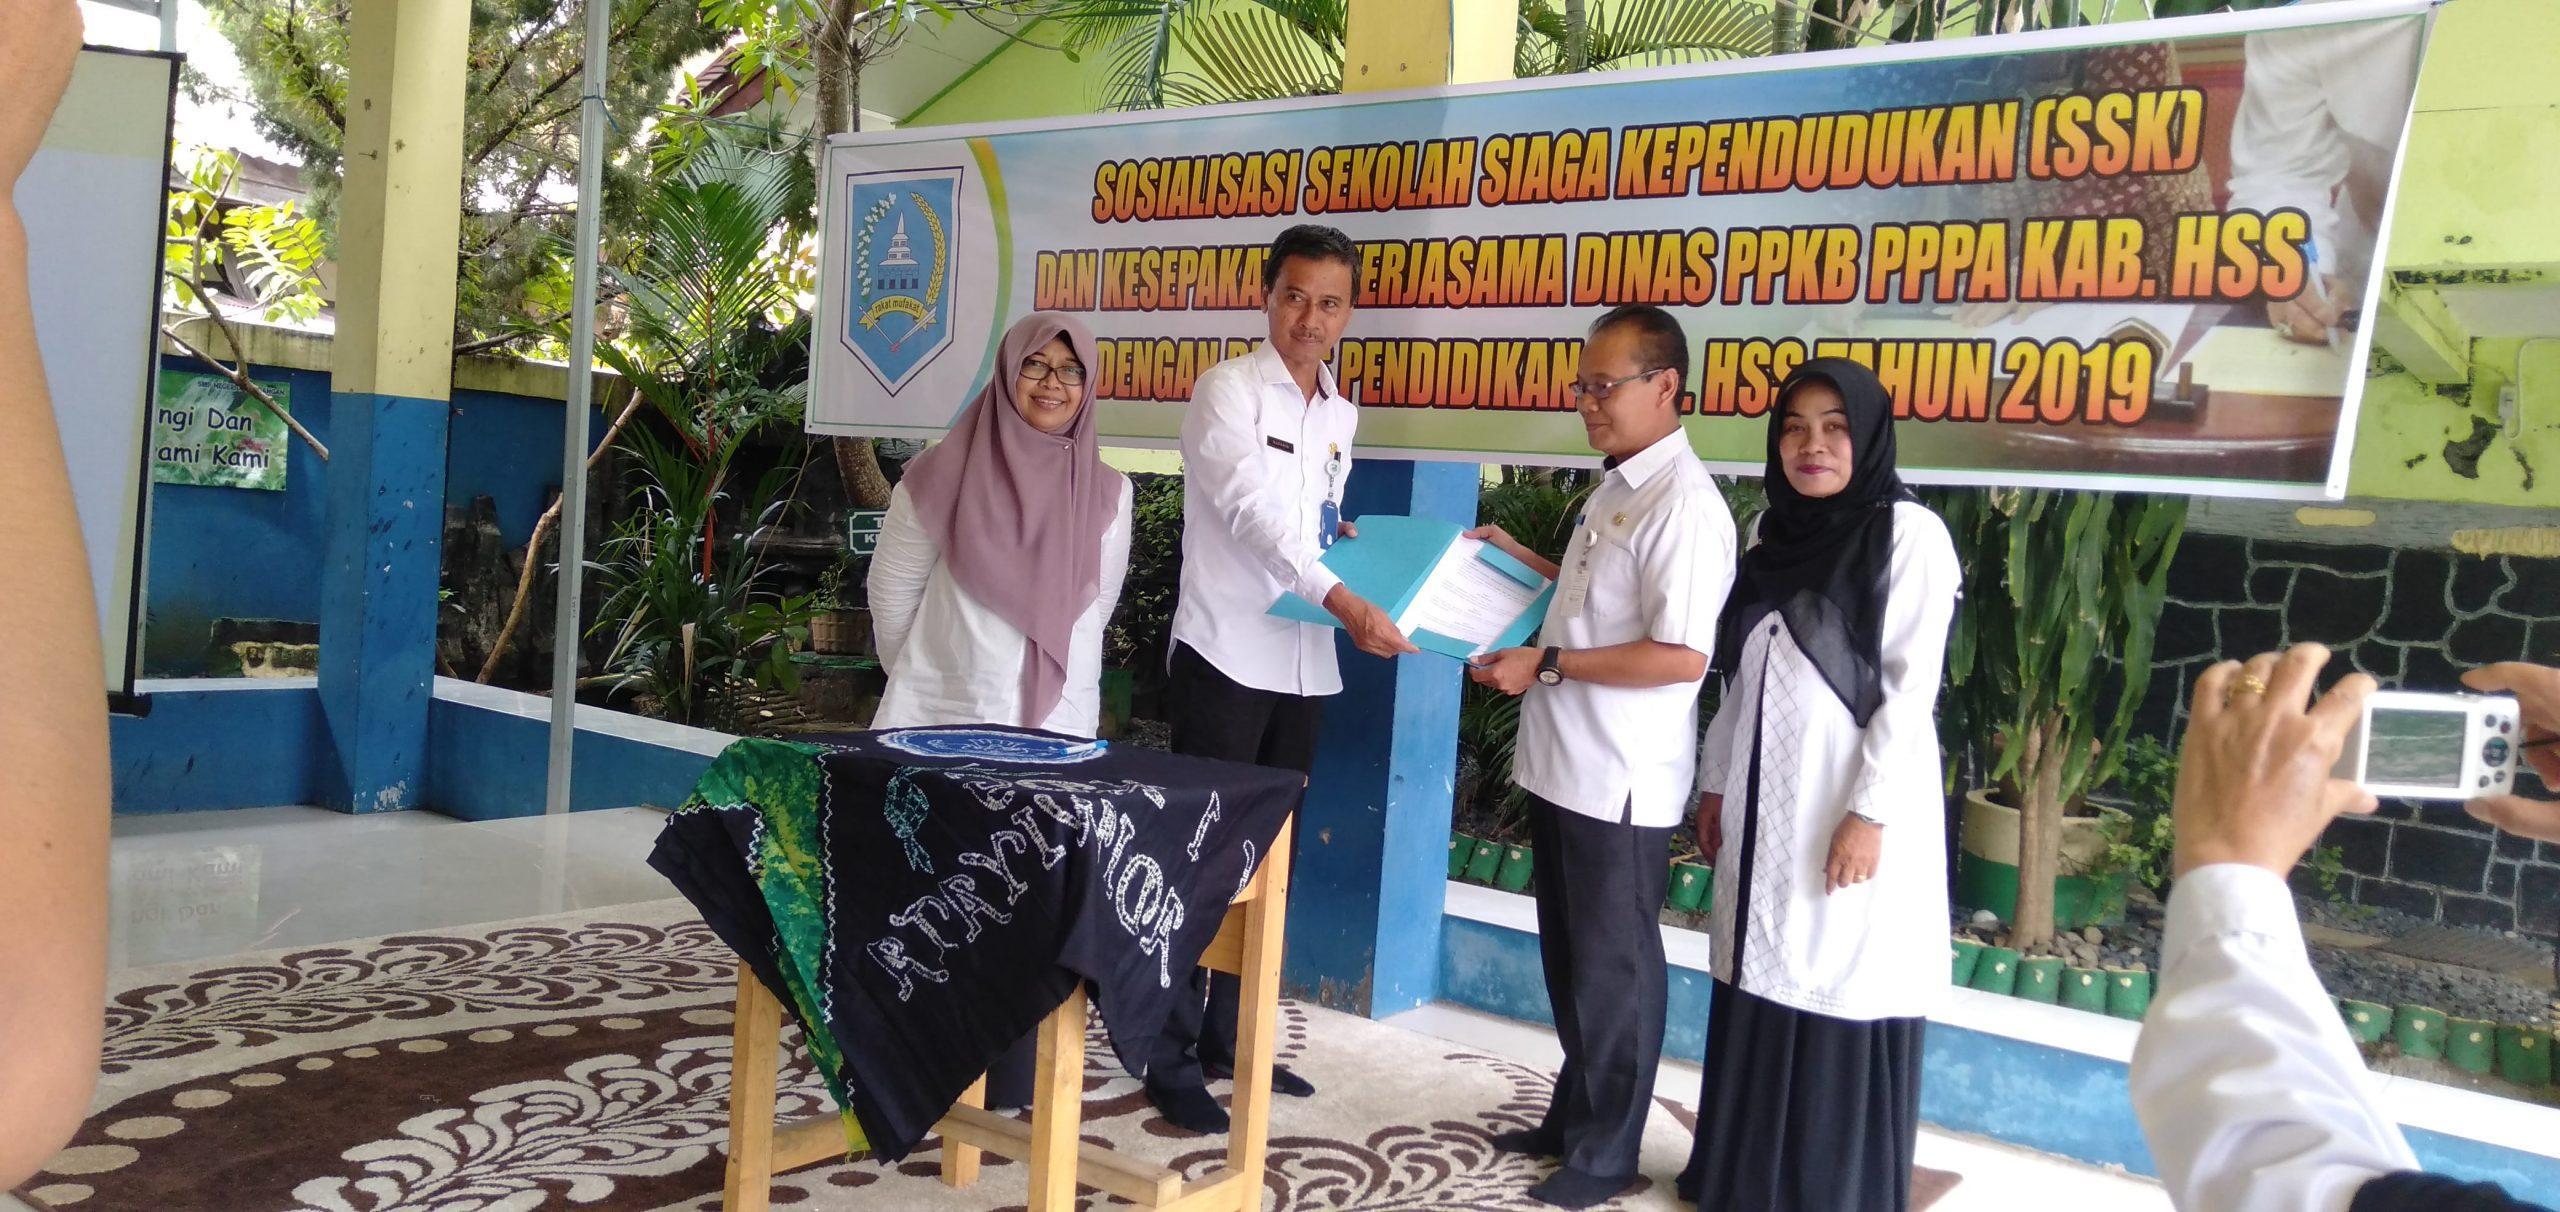 Sosialisasi Sekolah Siaga Kependudukan (SSK) dan Kesepakatan Kerjasama Dinas PPKB.PPPA Kab. HSS dan Dinas Pendidikan Kab. HSS Tahun 2019